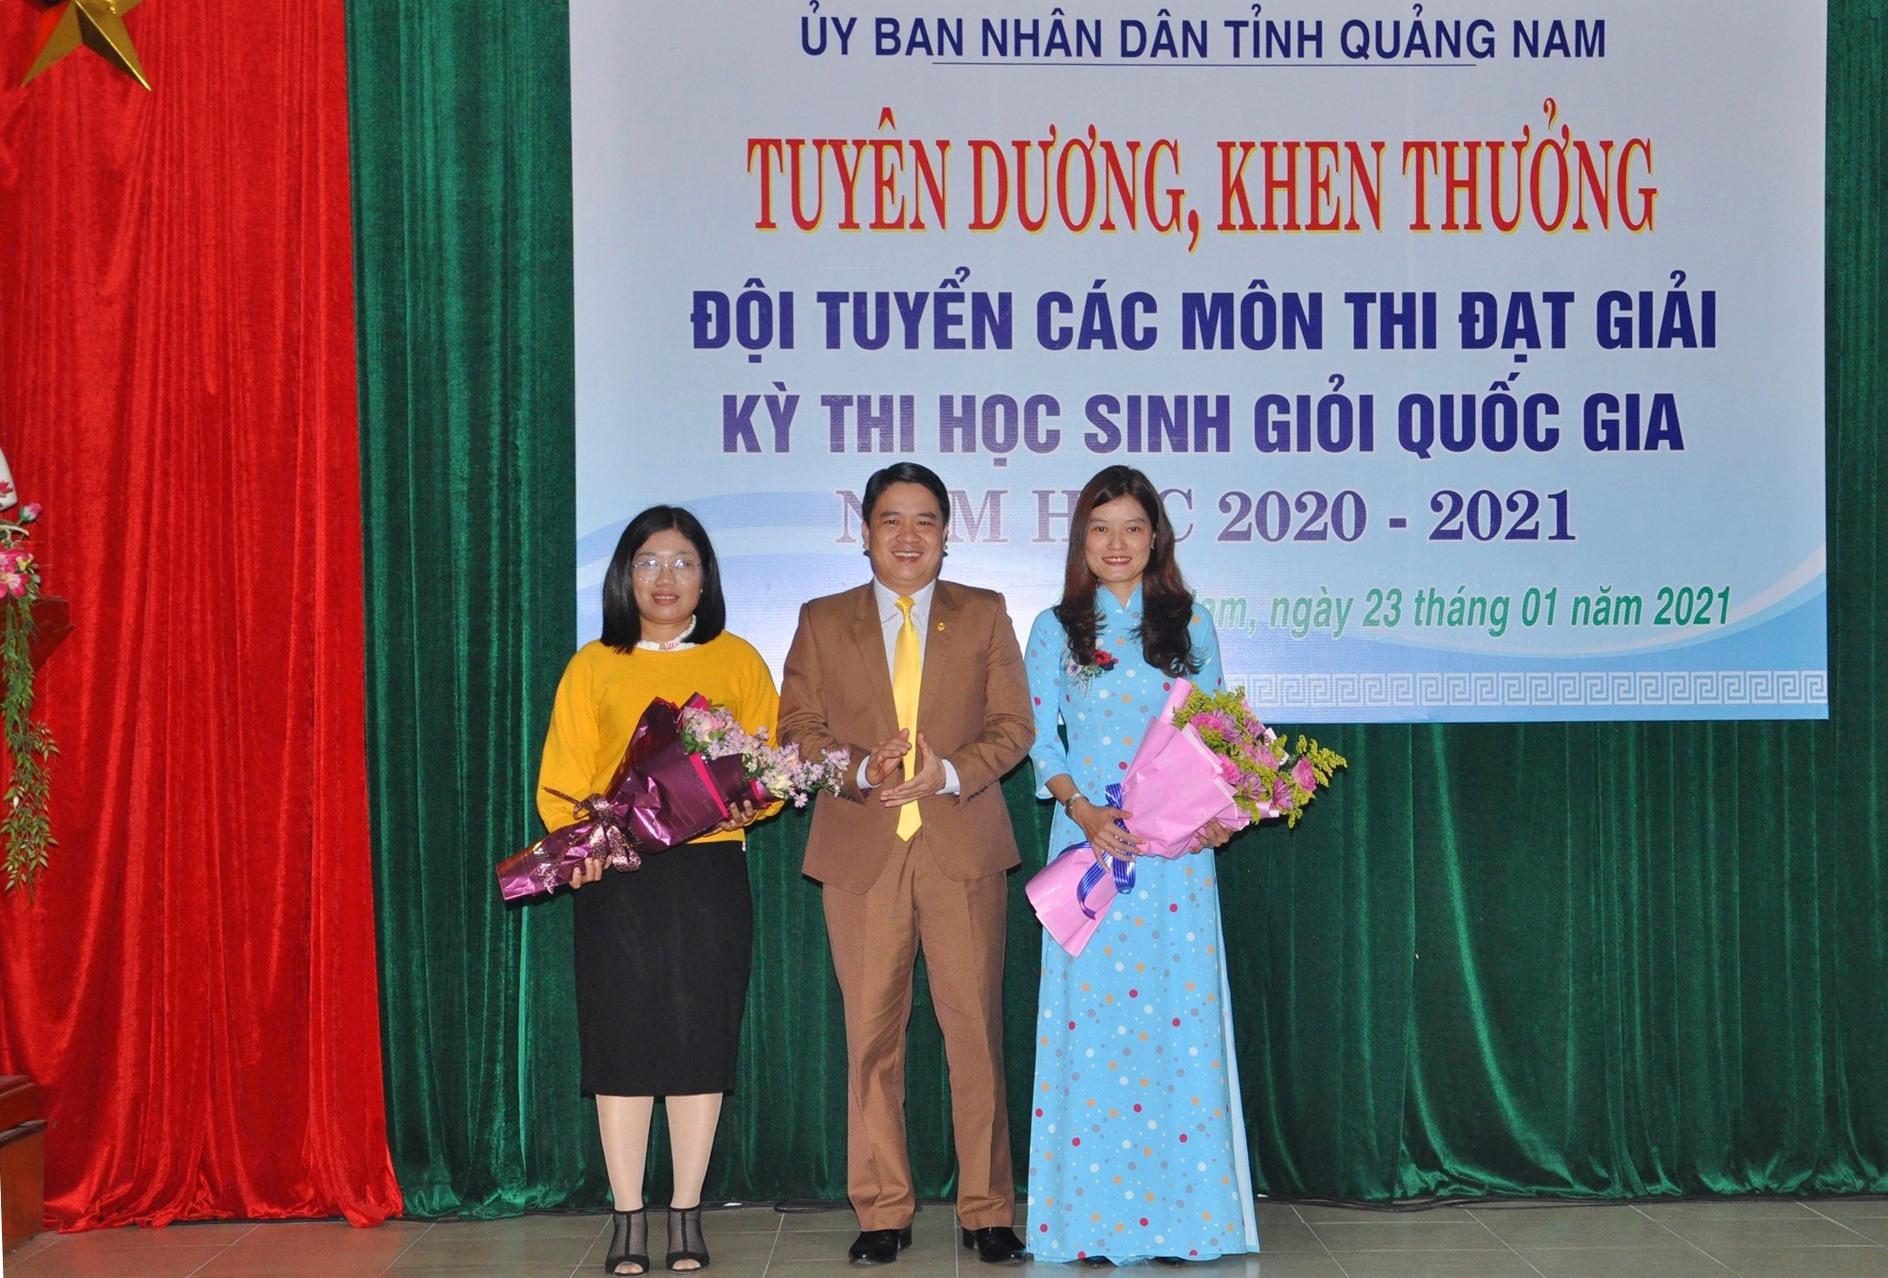 Ghi nhận công lao của các thầy cô giáo đóng góp vào thành tích của học trò, lãnh đạo tinh tặng hoa chúc mừng. Ảnh: X.P